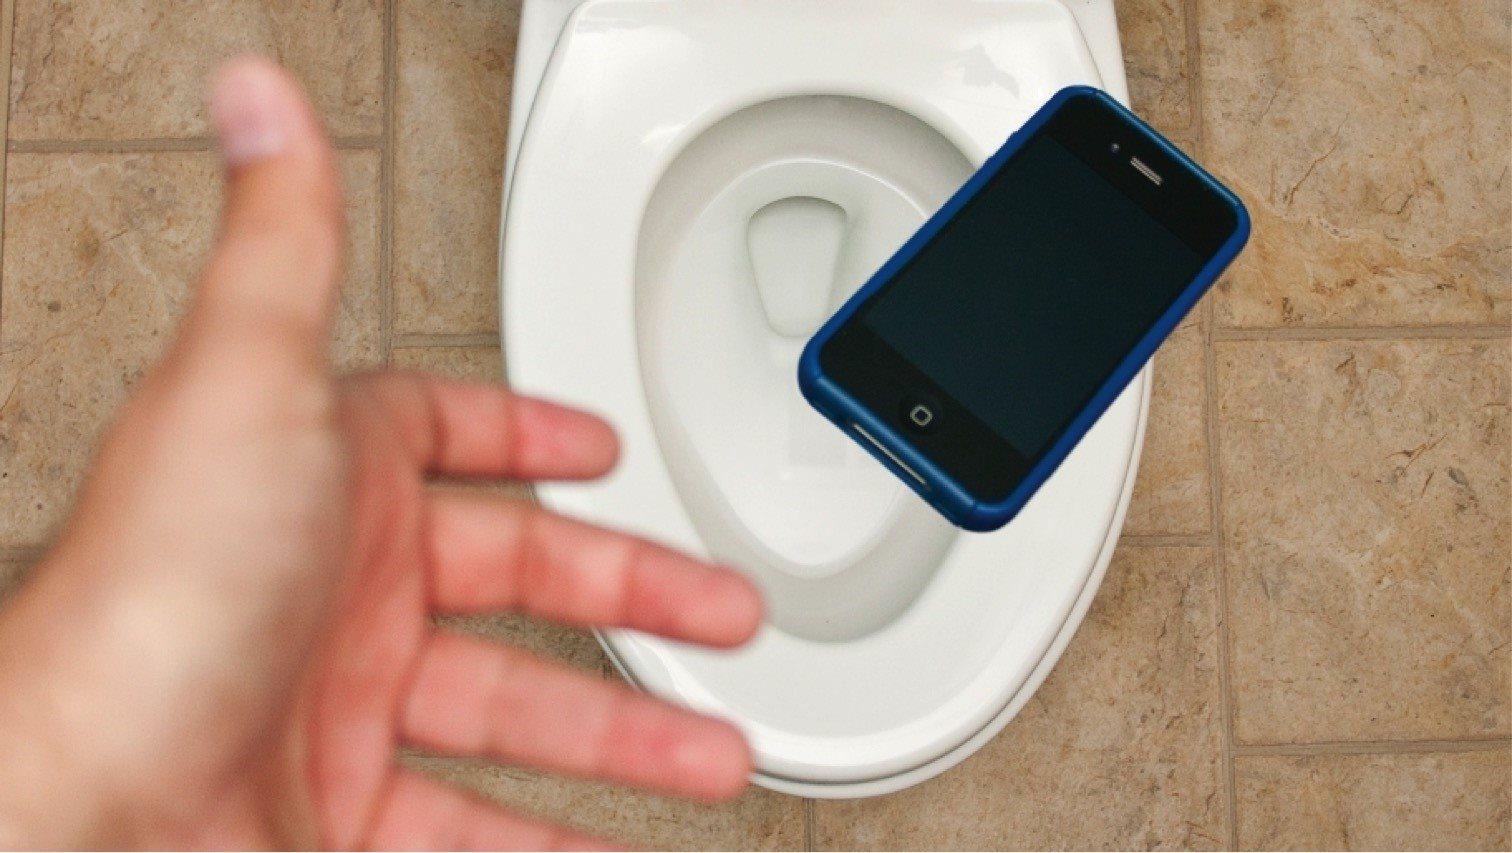 4 thói quen vệ sinh cần tuân thủ để tránh các bệnh truyền nhiễm - Ảnh 4